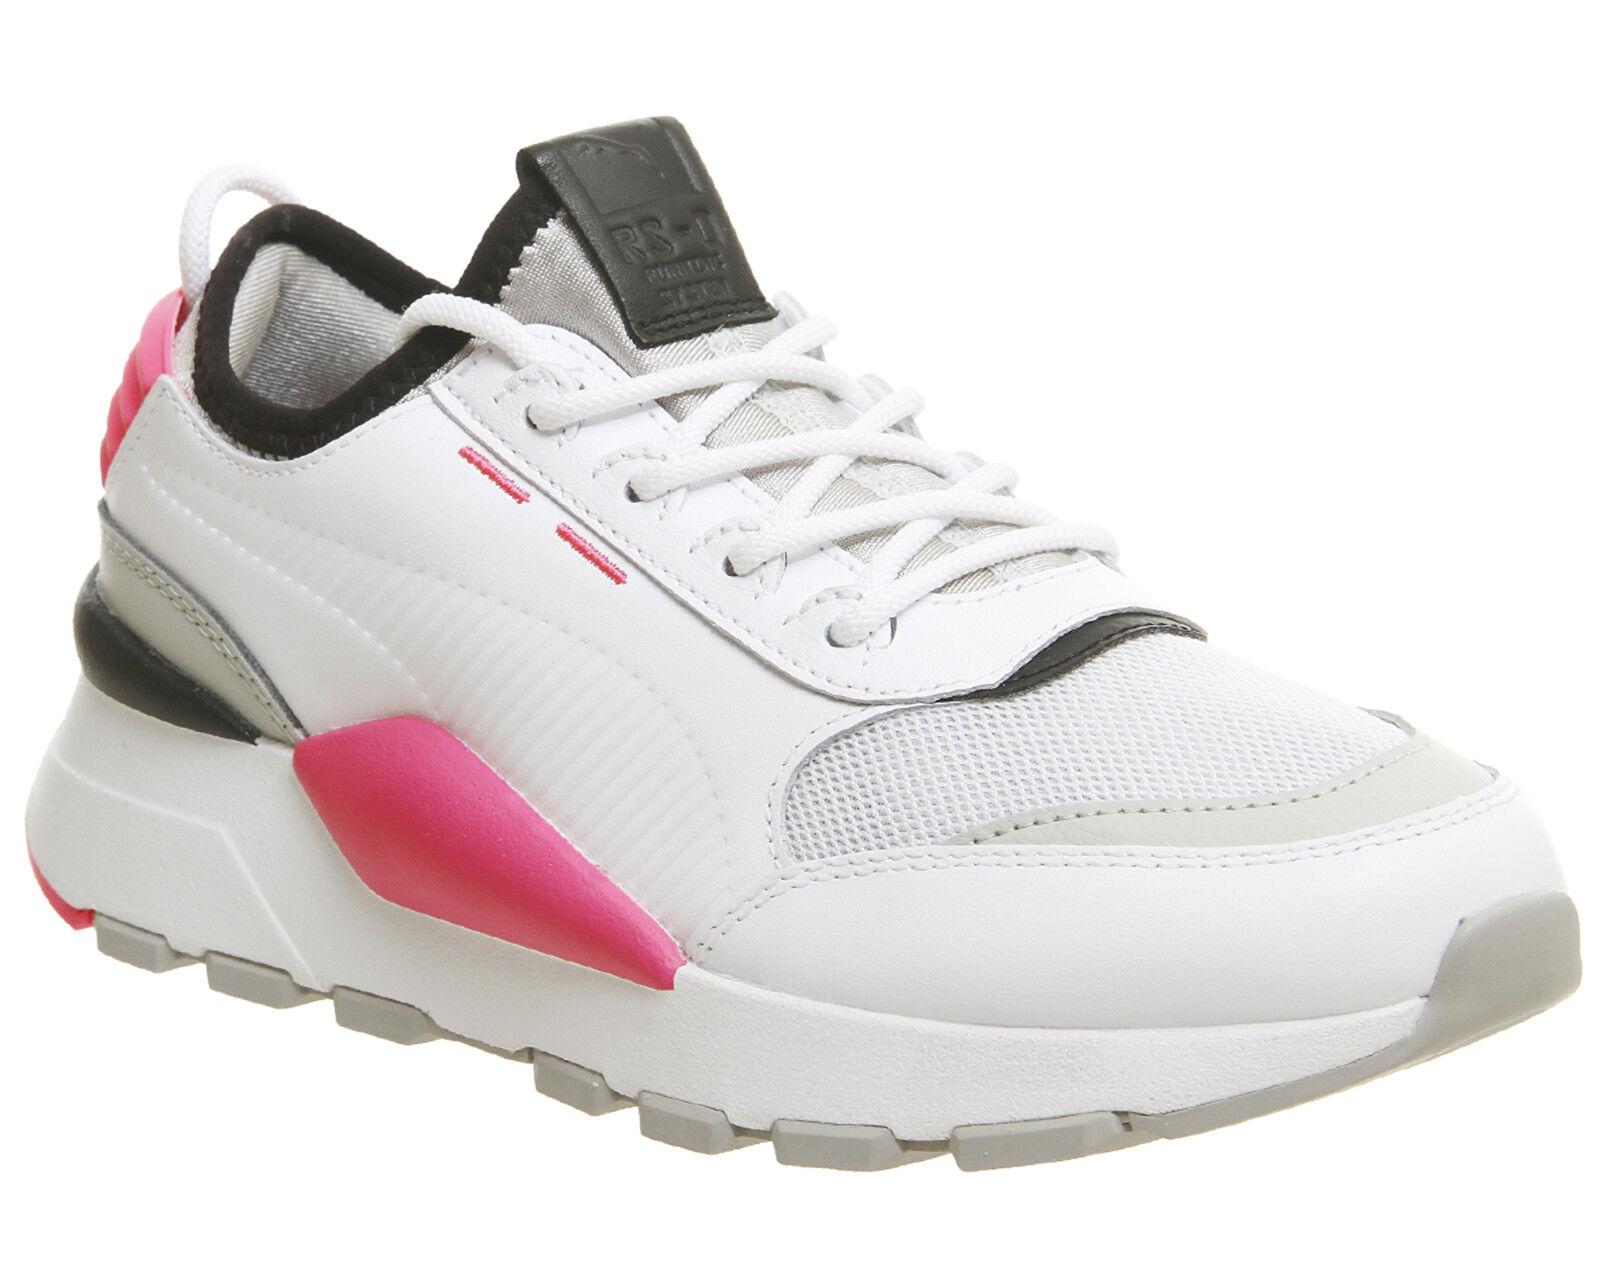 Détails sur Unisexe Reebok Classic En Daim Gris Retro Running Sneakers Baskets Taille UK 6 Faded afficher le titre d'origine